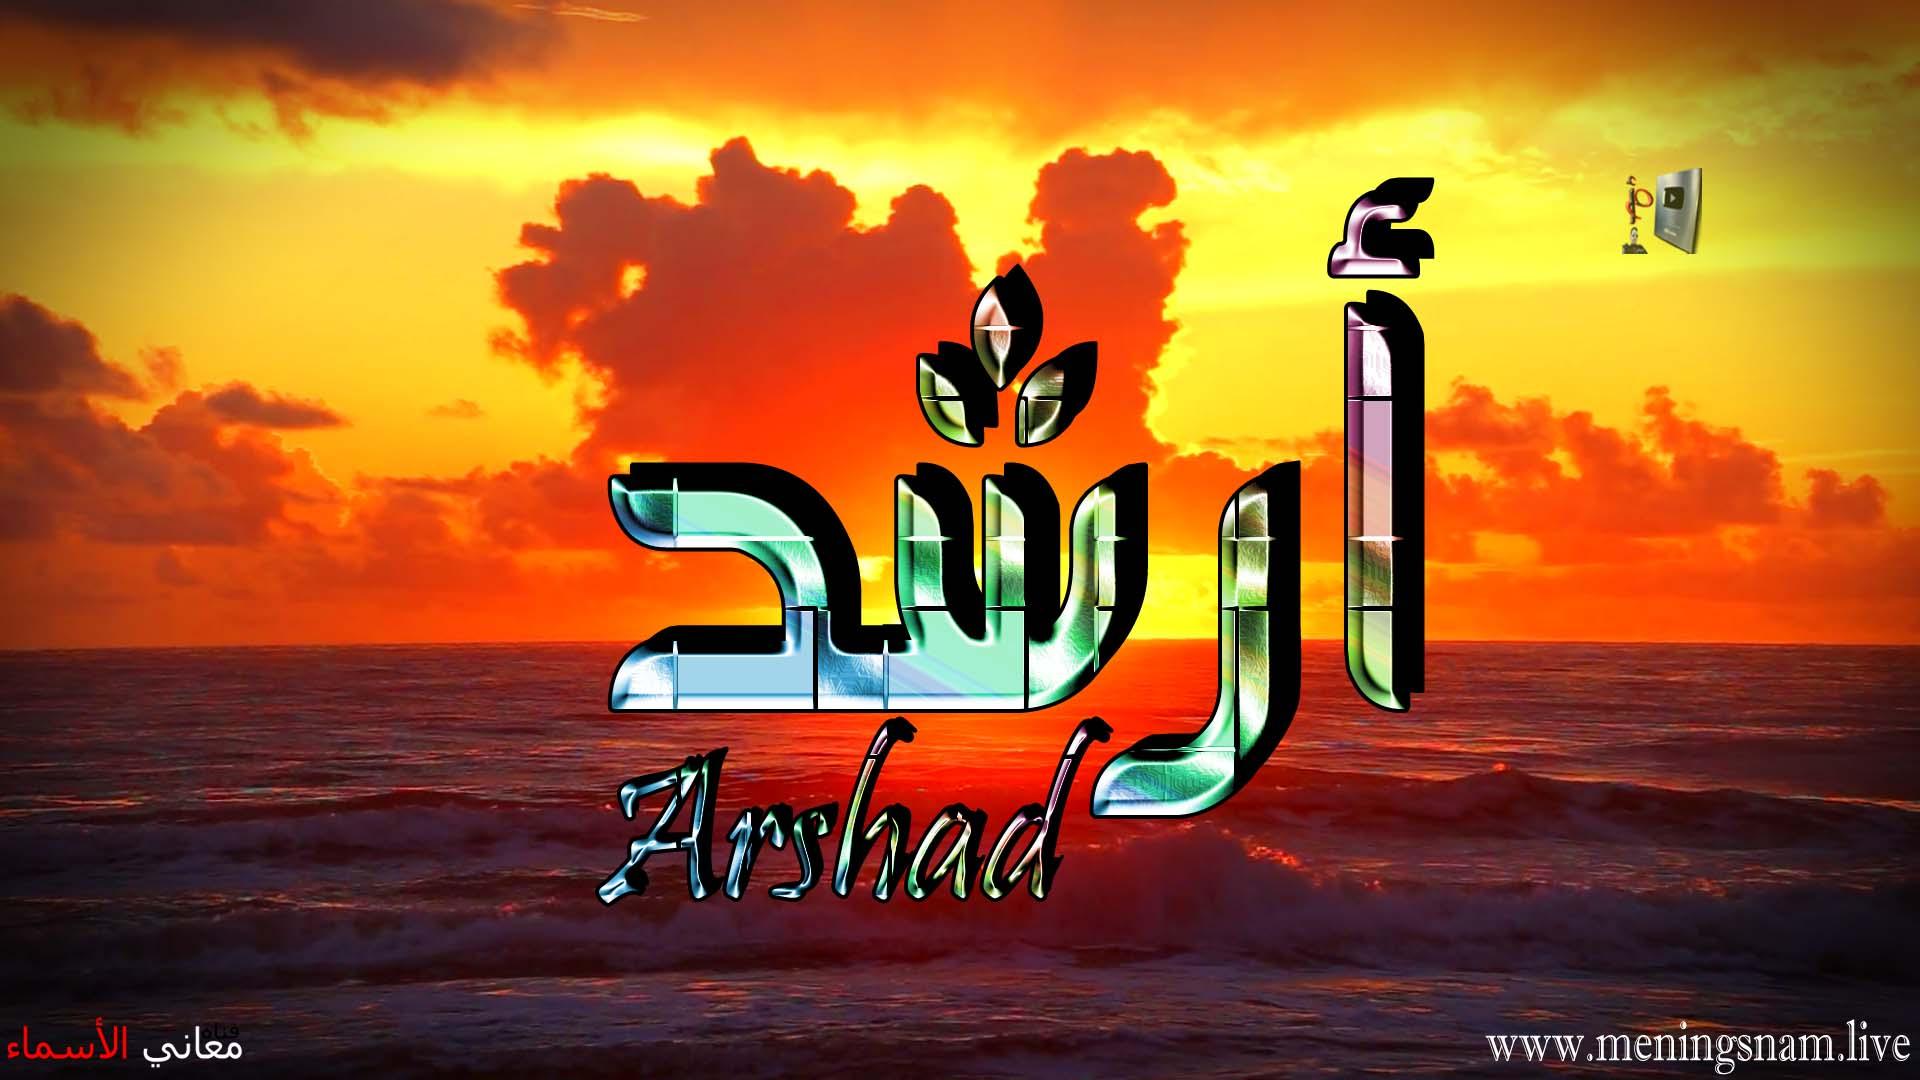 معنى اسم ارشد وصفات حامل هذا الاسم Arshad